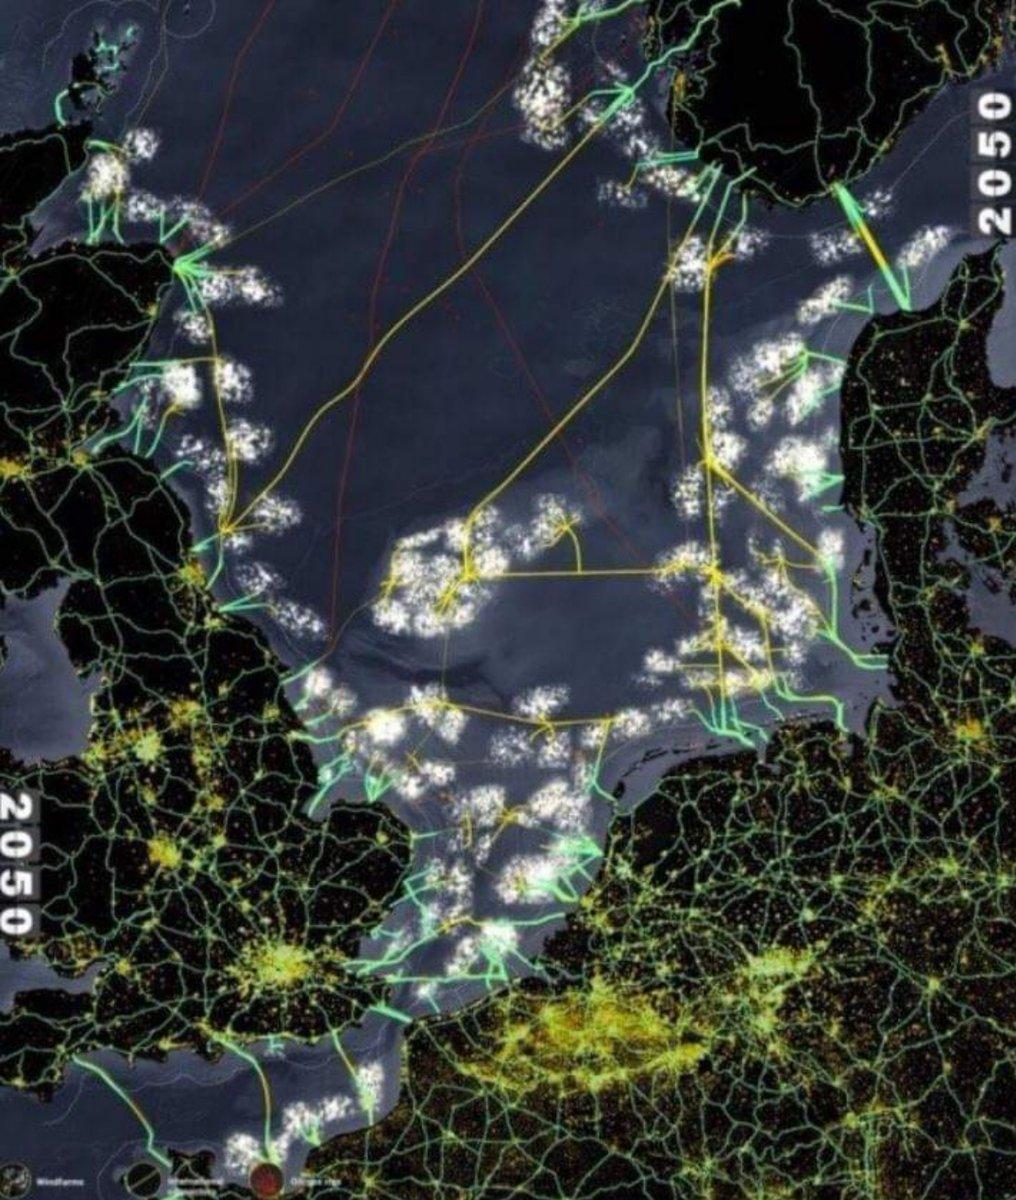 @NOS Complete Noordzeekustzone, plus a.s. 'zeereservaat' Doggersbank gevuld met windmolens. Die vernietigen de beste vispaaiplaatsen en doden duizenden zeezoogdieren, w.o. dolfijnen. Kaartje afkomstig uit Deltaresrapport. https://t.co/3tNvYsRpxY